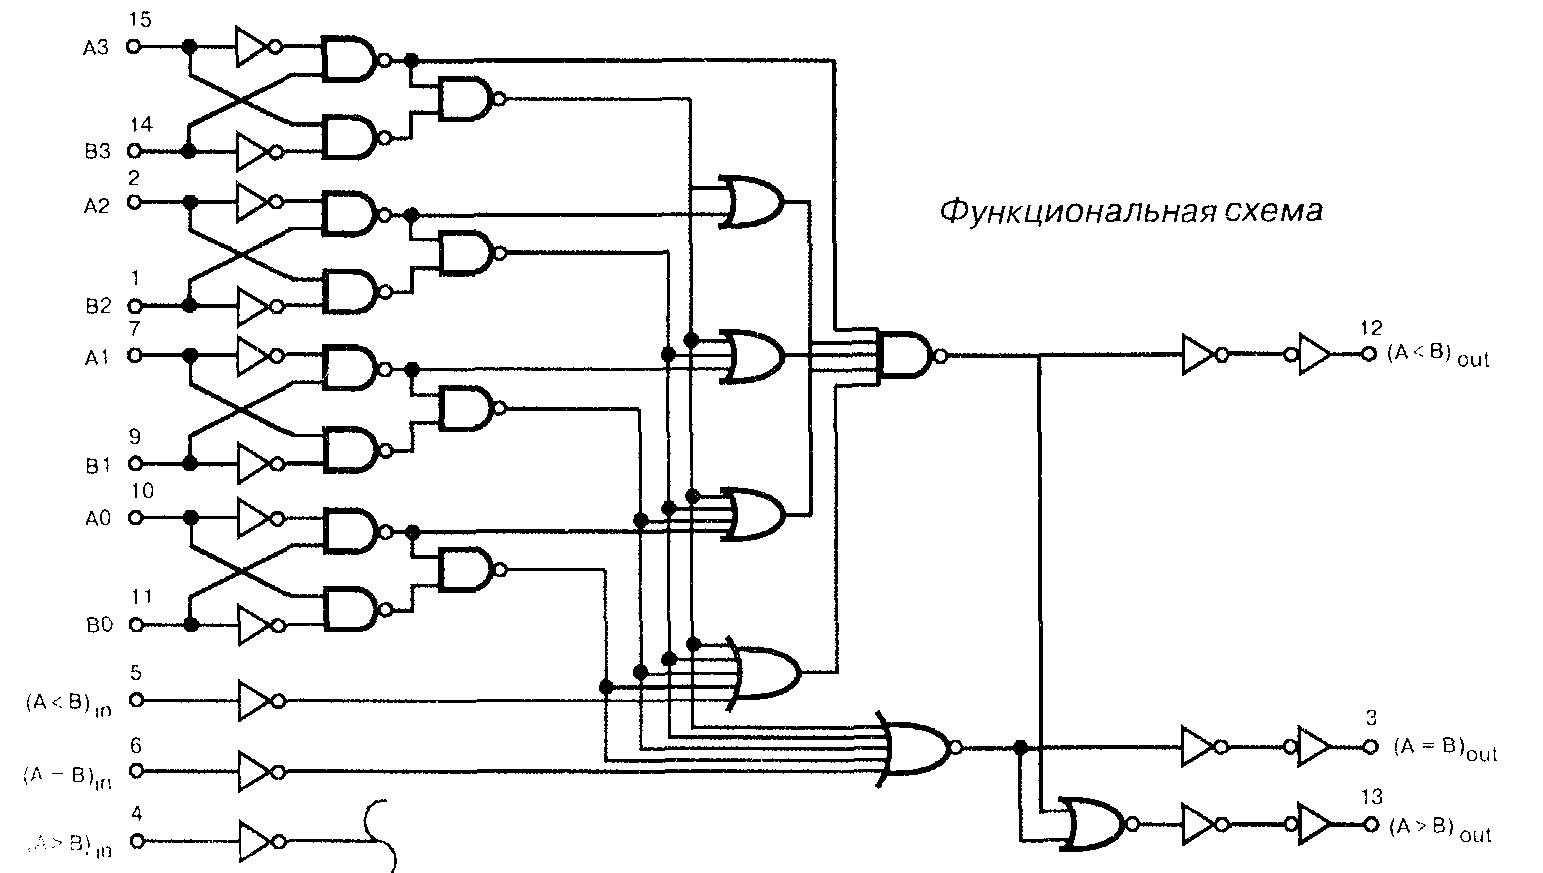 Микросхема 4585 - функциональная схема